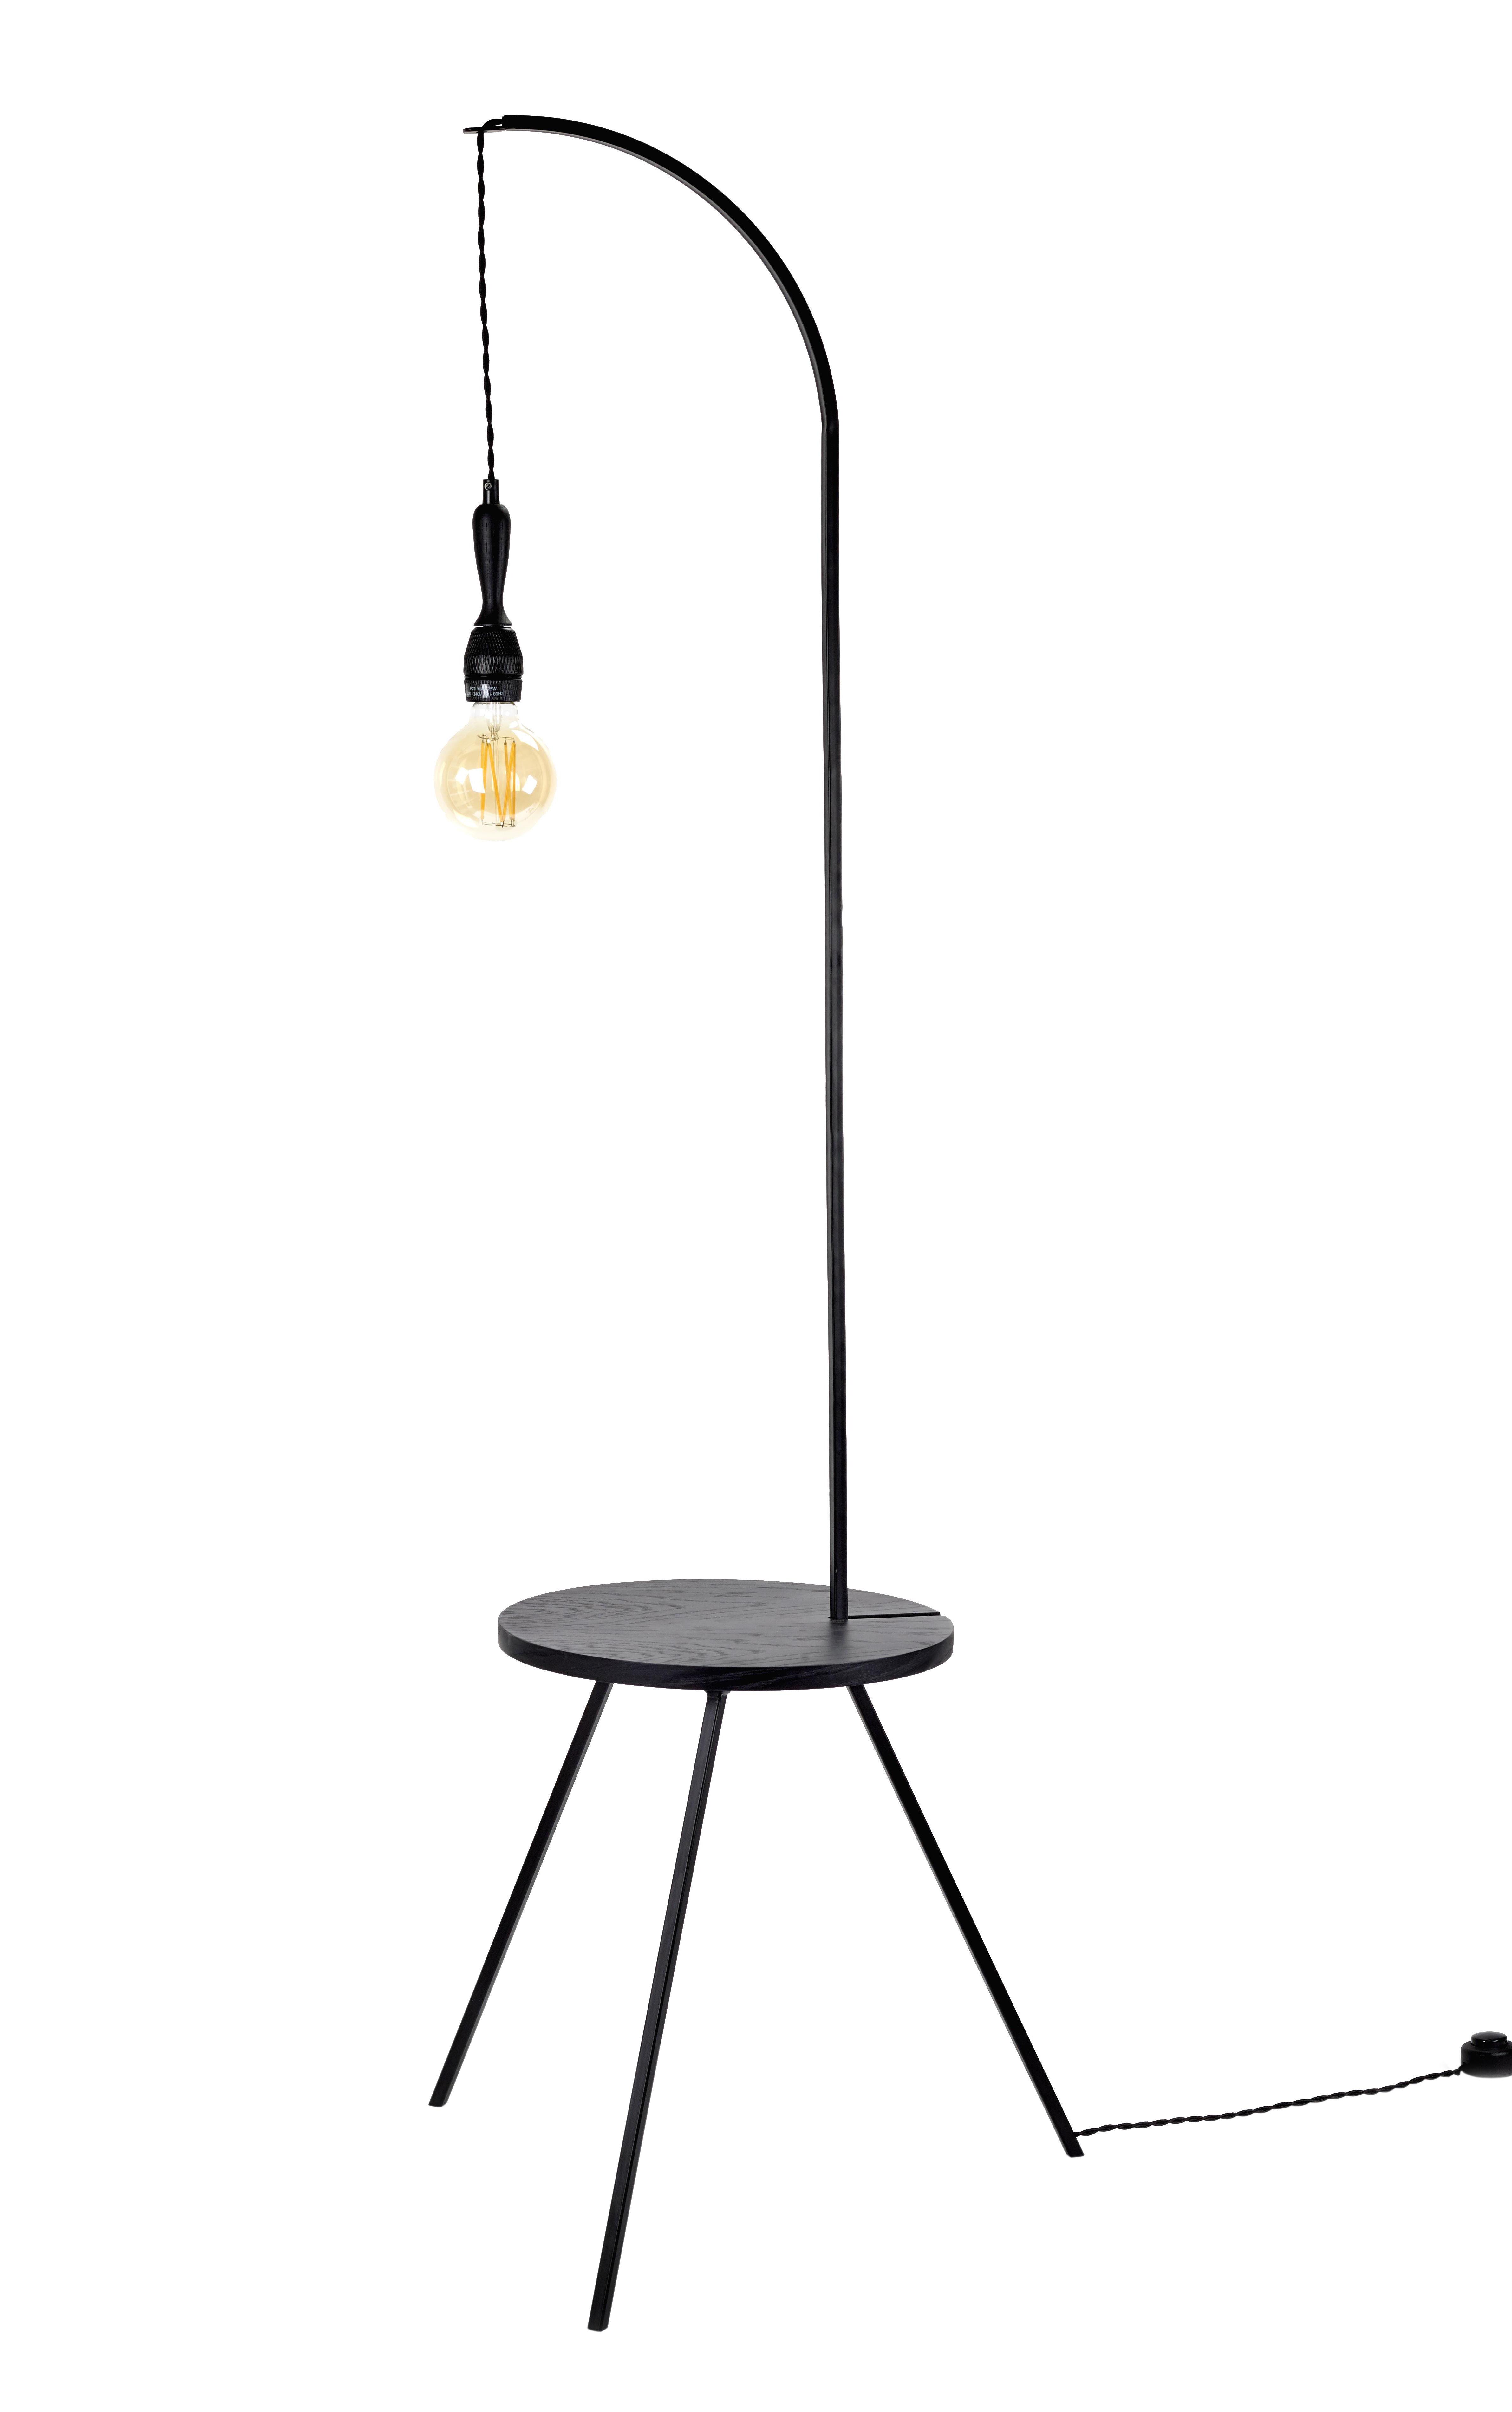 Möbel - Couchtische - Studio Simple Beistelltisch leuchtend / Tisch - Ø 50 cm x H 160 cm - Serax - Schwarz - Bois plaqué, Metall